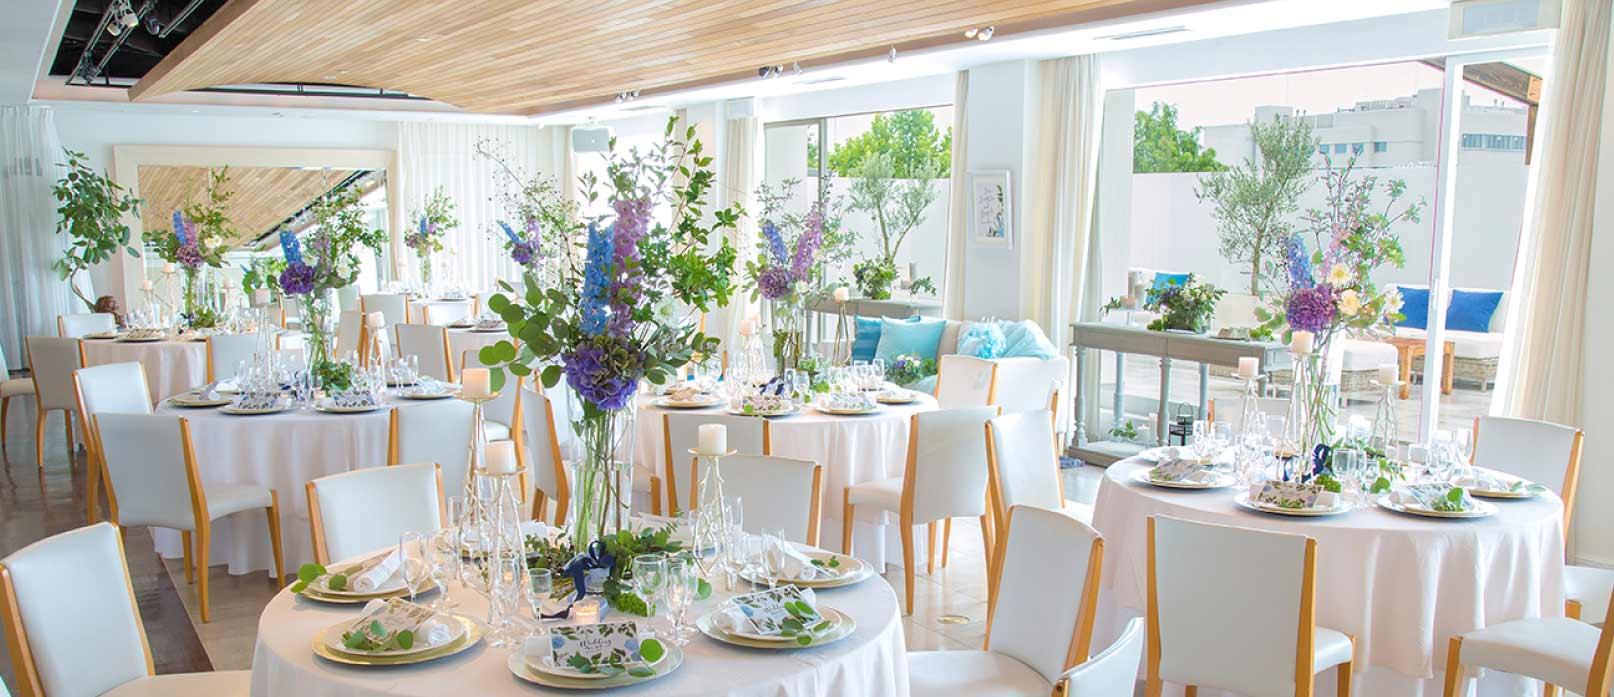 ザ マグリット | 岡山県岡山市の結婚式場・パーティーウェディング・おもてなしウェディング リバティ・ペントハウス